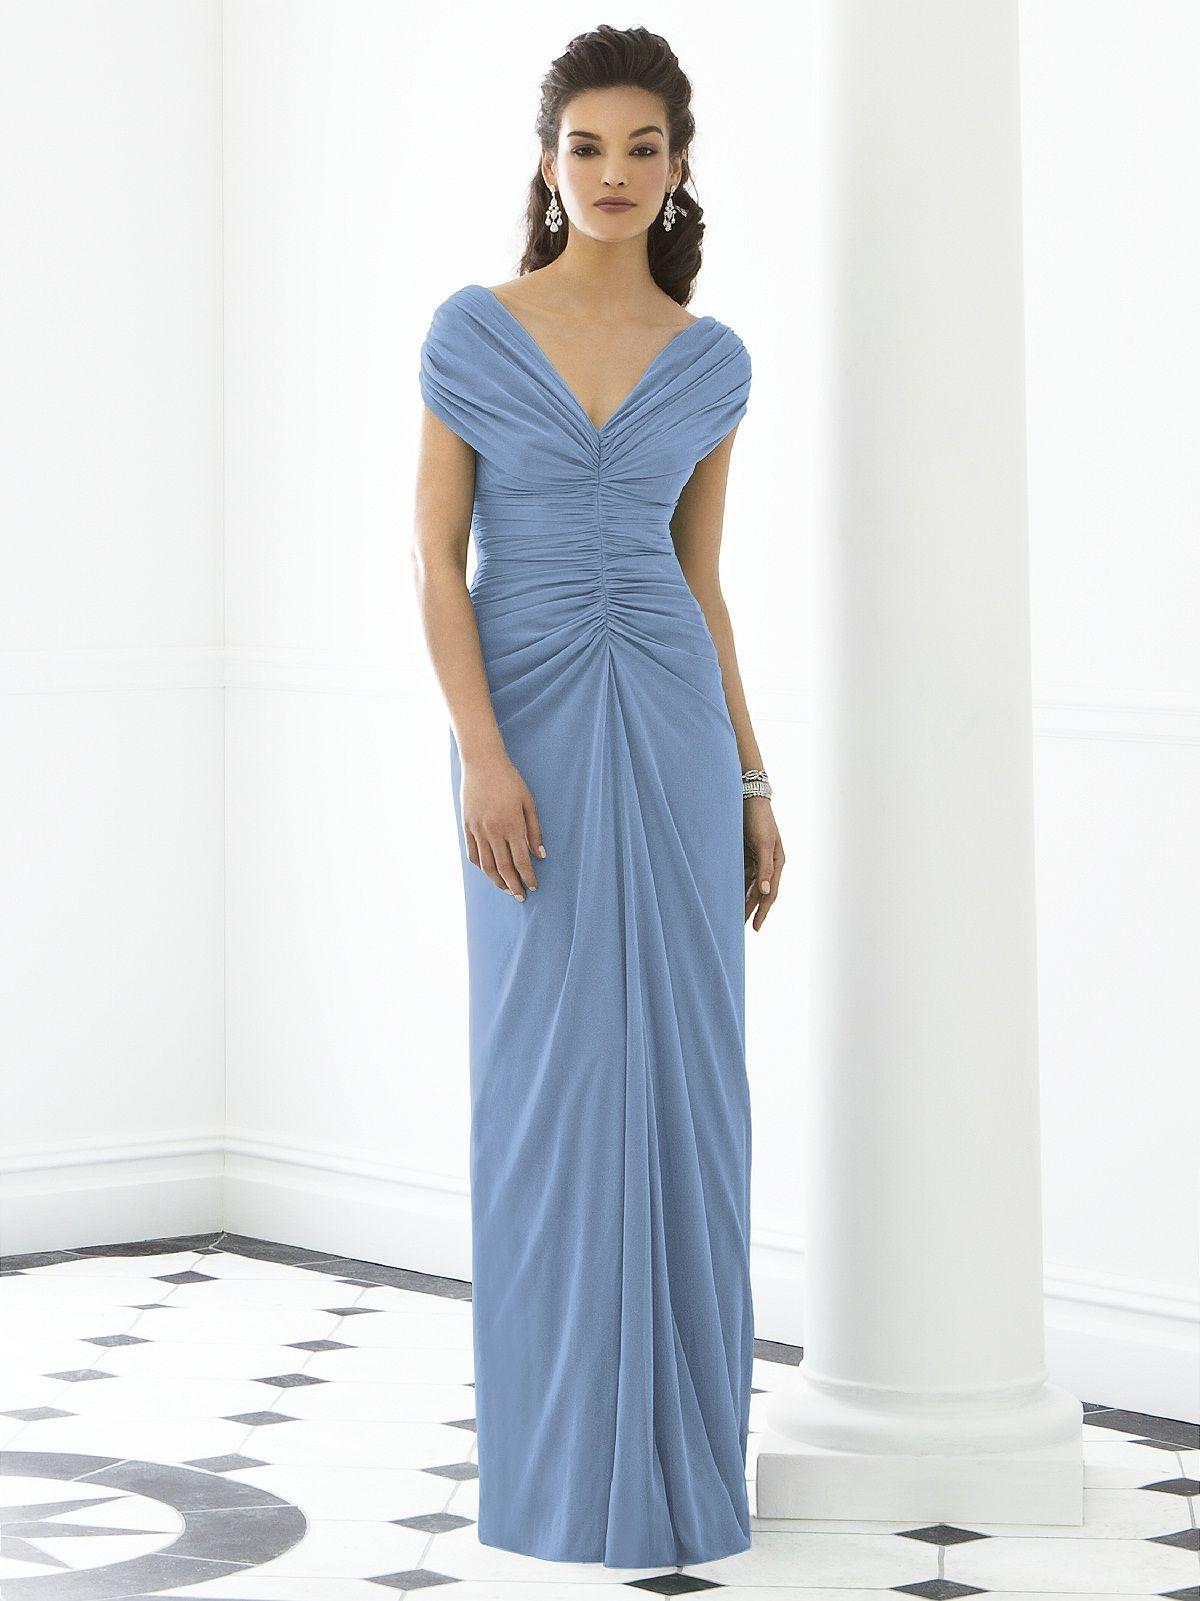 Windsor Blue Chiffon dress. | Caygill\'s Summer | Pinterest | Blue ...